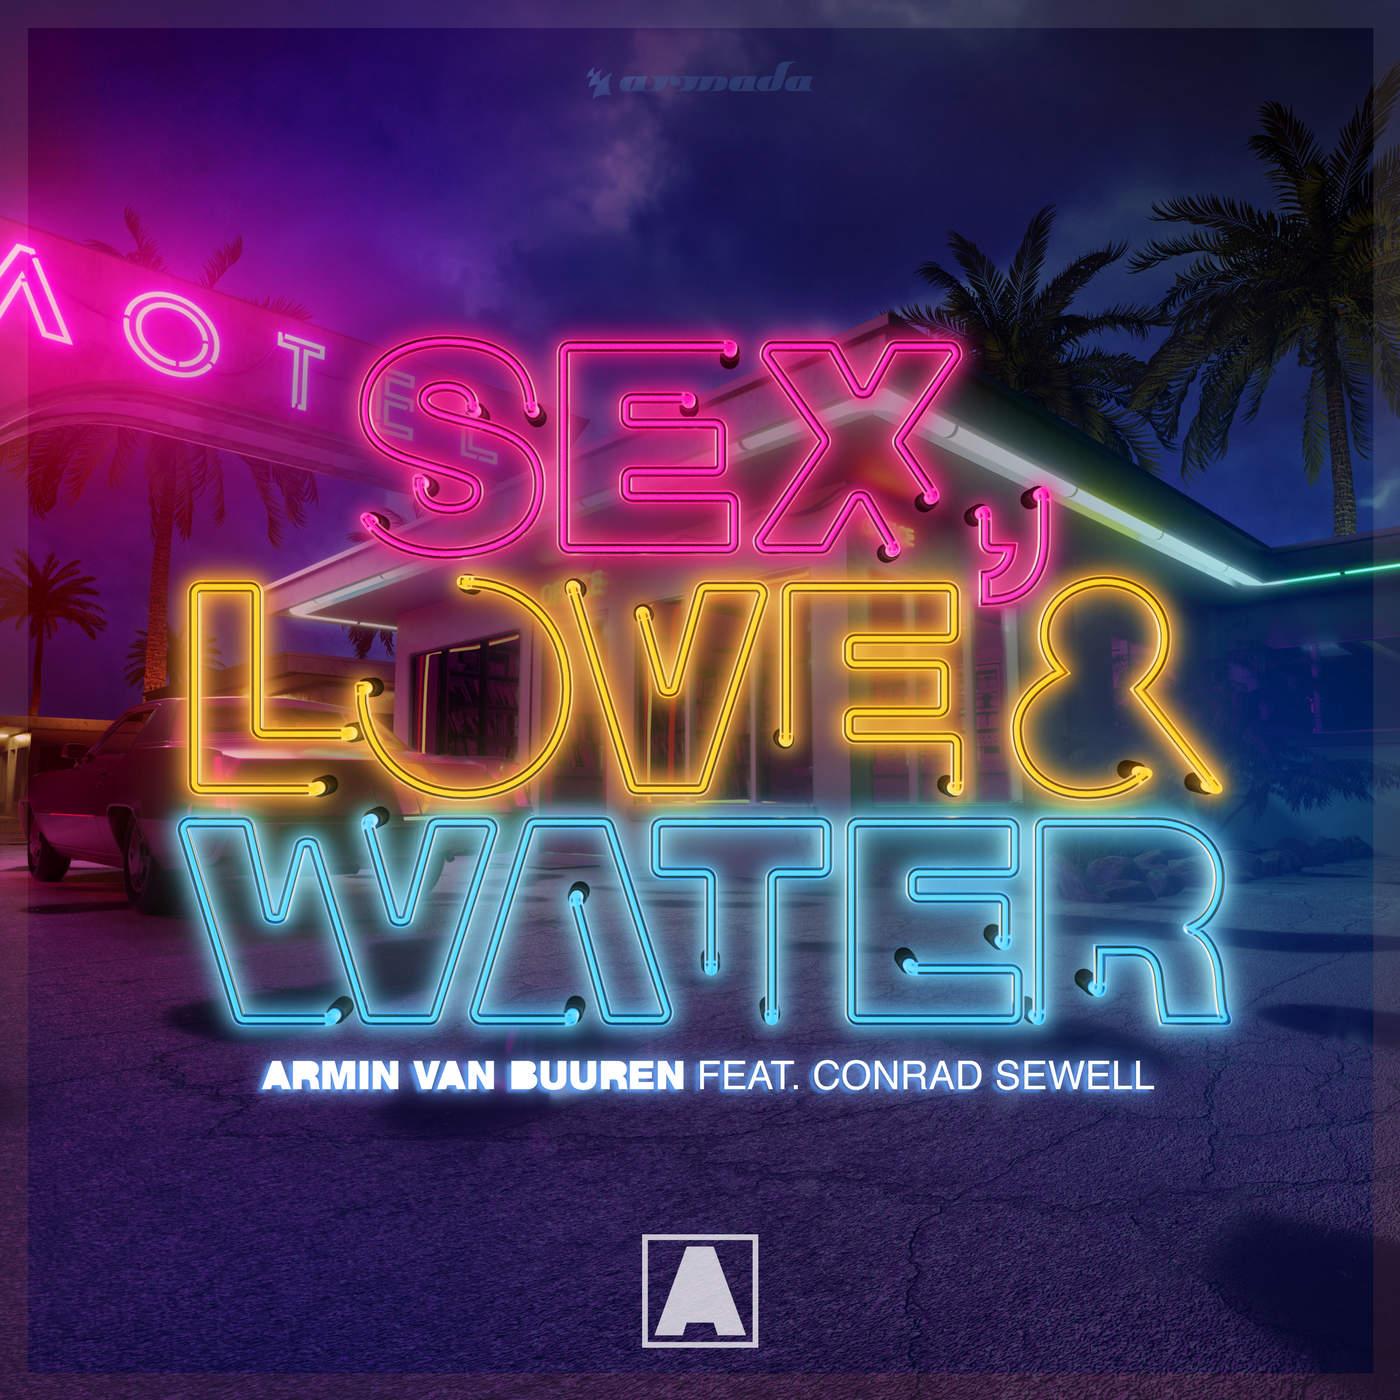 Download Download Sex Beautiful download: armin van buuren - sex, love & water (feat. conrad